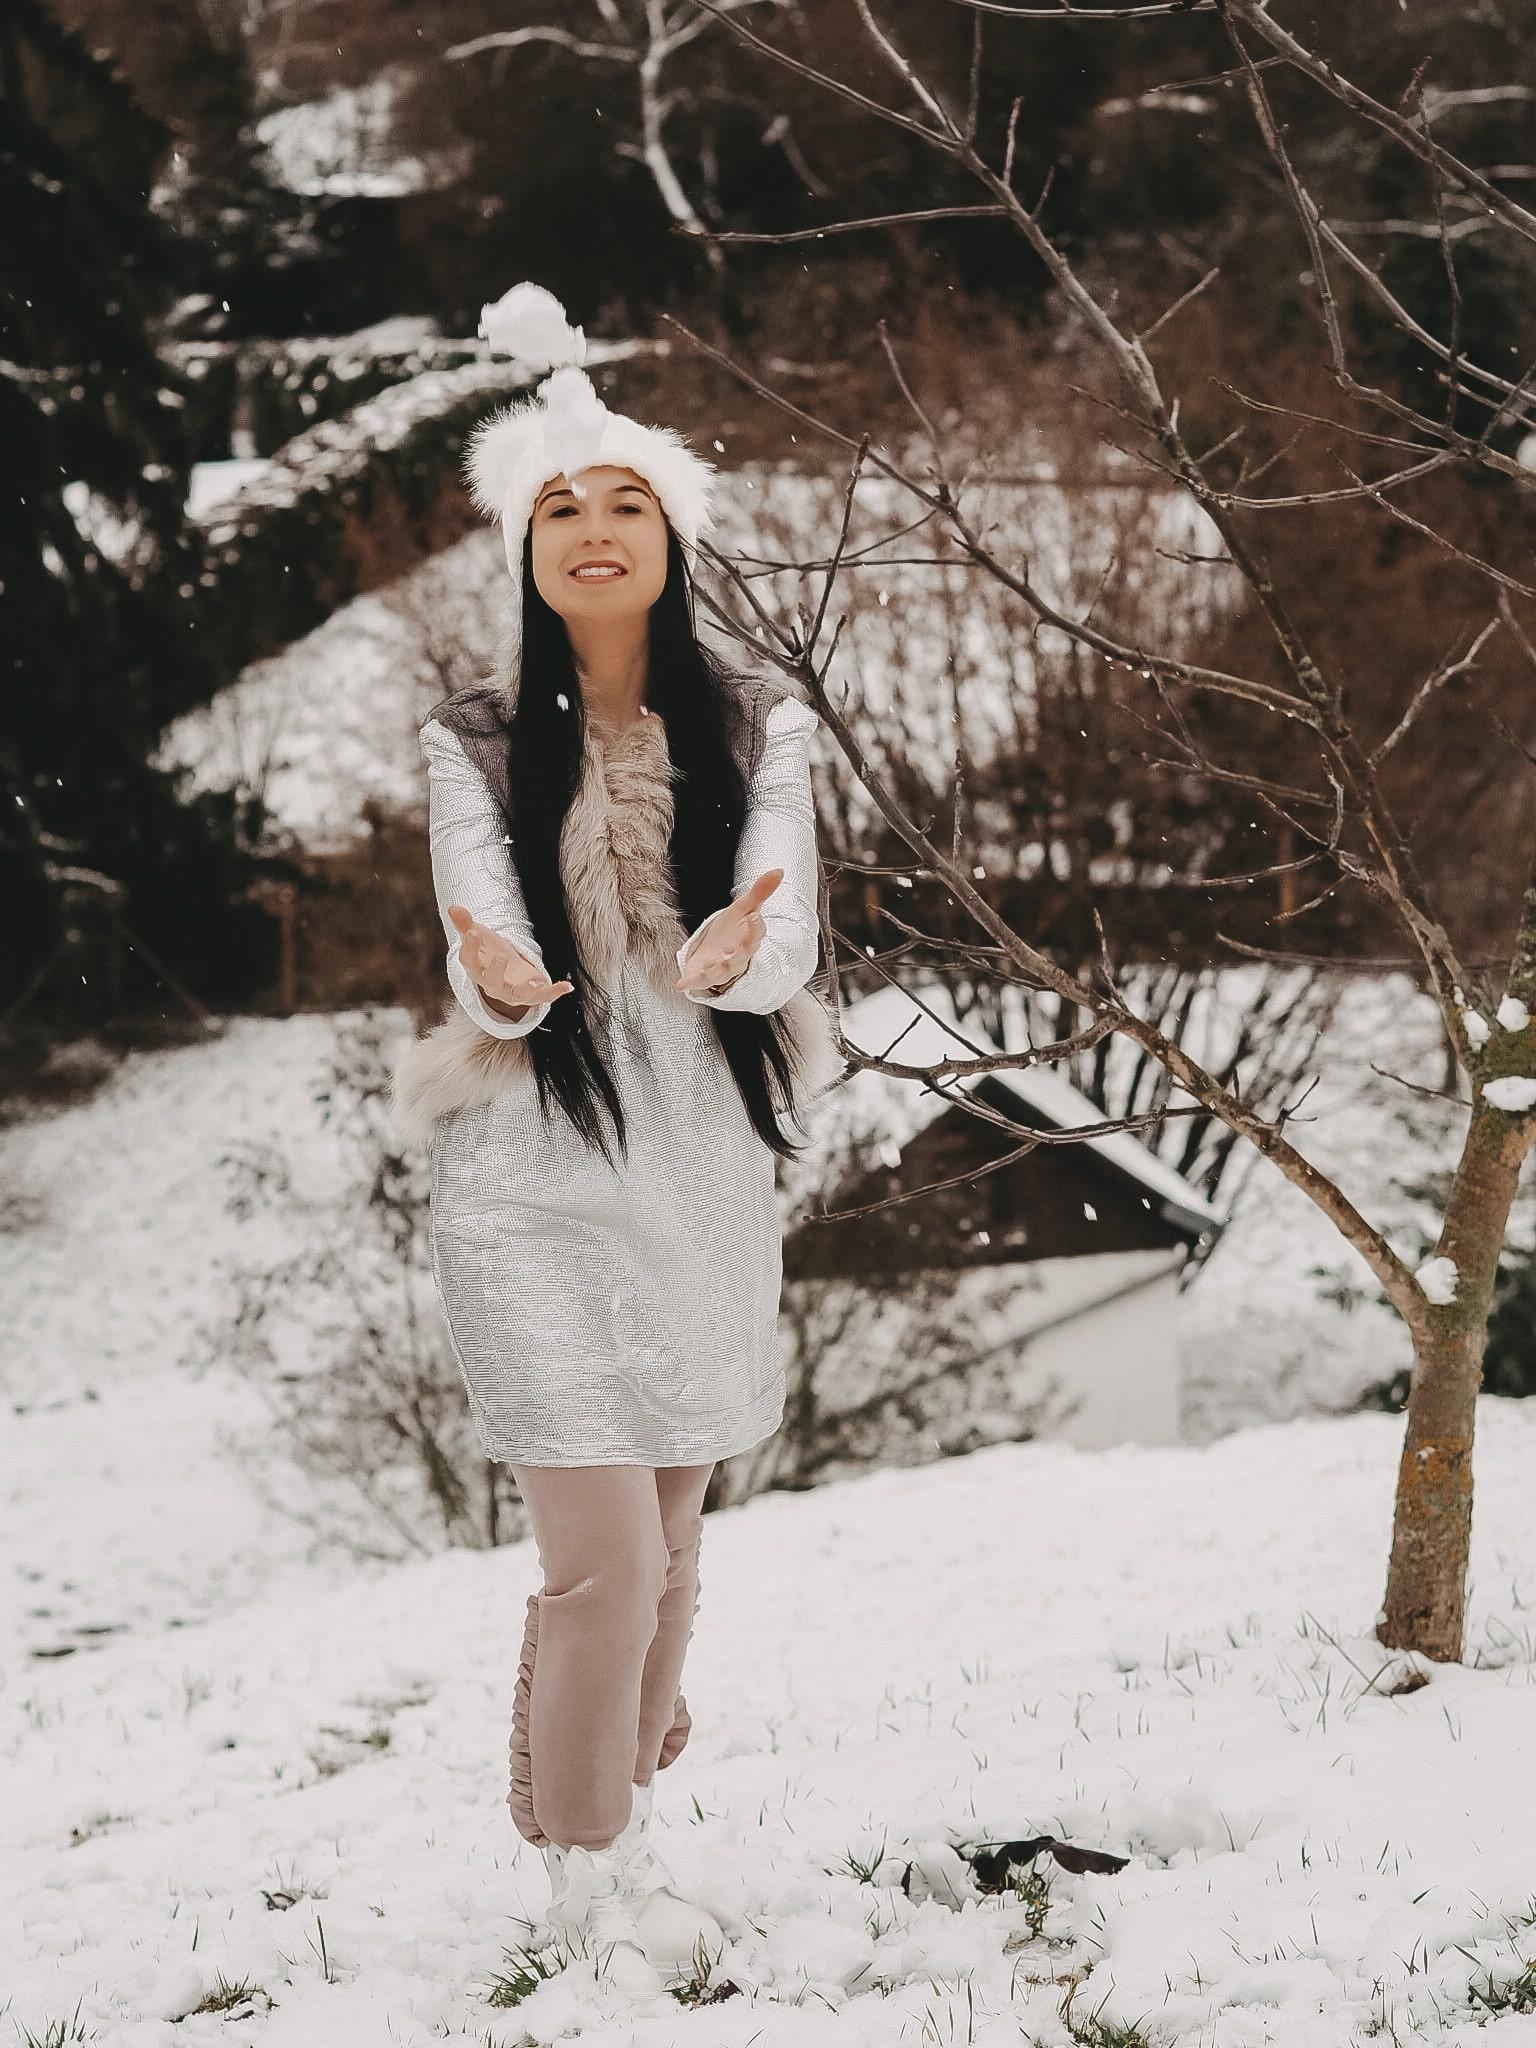 Bevor der Frühling endlich erwacht, möchte ich euch gerne meinen liebsten Winter Style für dieses Jahr zeigen und Tipps geben was man im Winter machen kann.